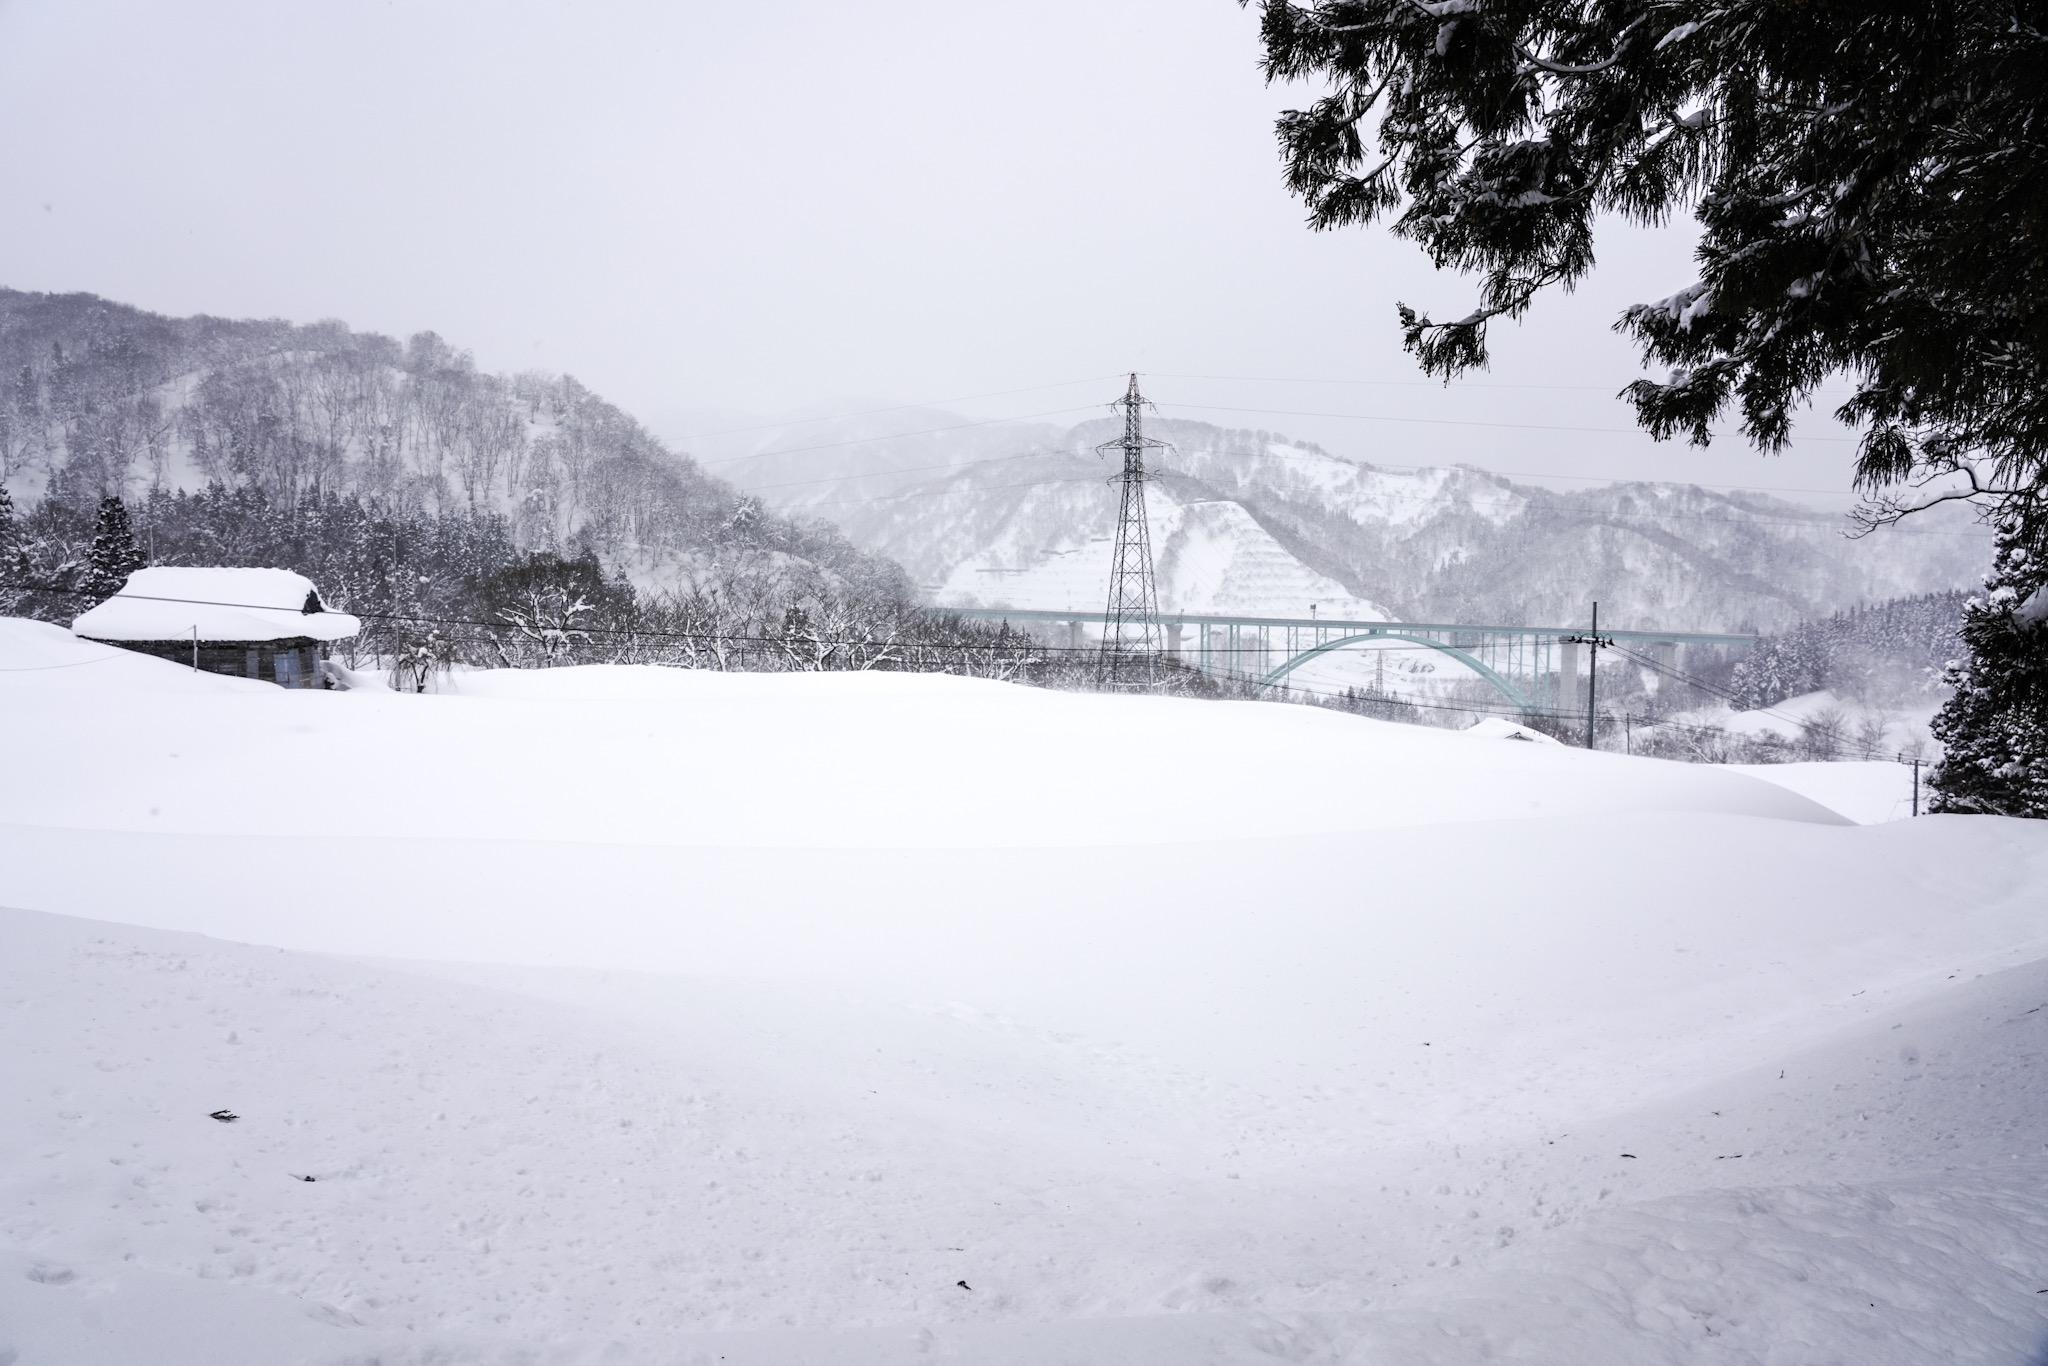 湯殿山総本寺大日坊瀧水寺から鳥海山系の山並みを眺める SUBARUテックツアー第10弾雪上試乗会